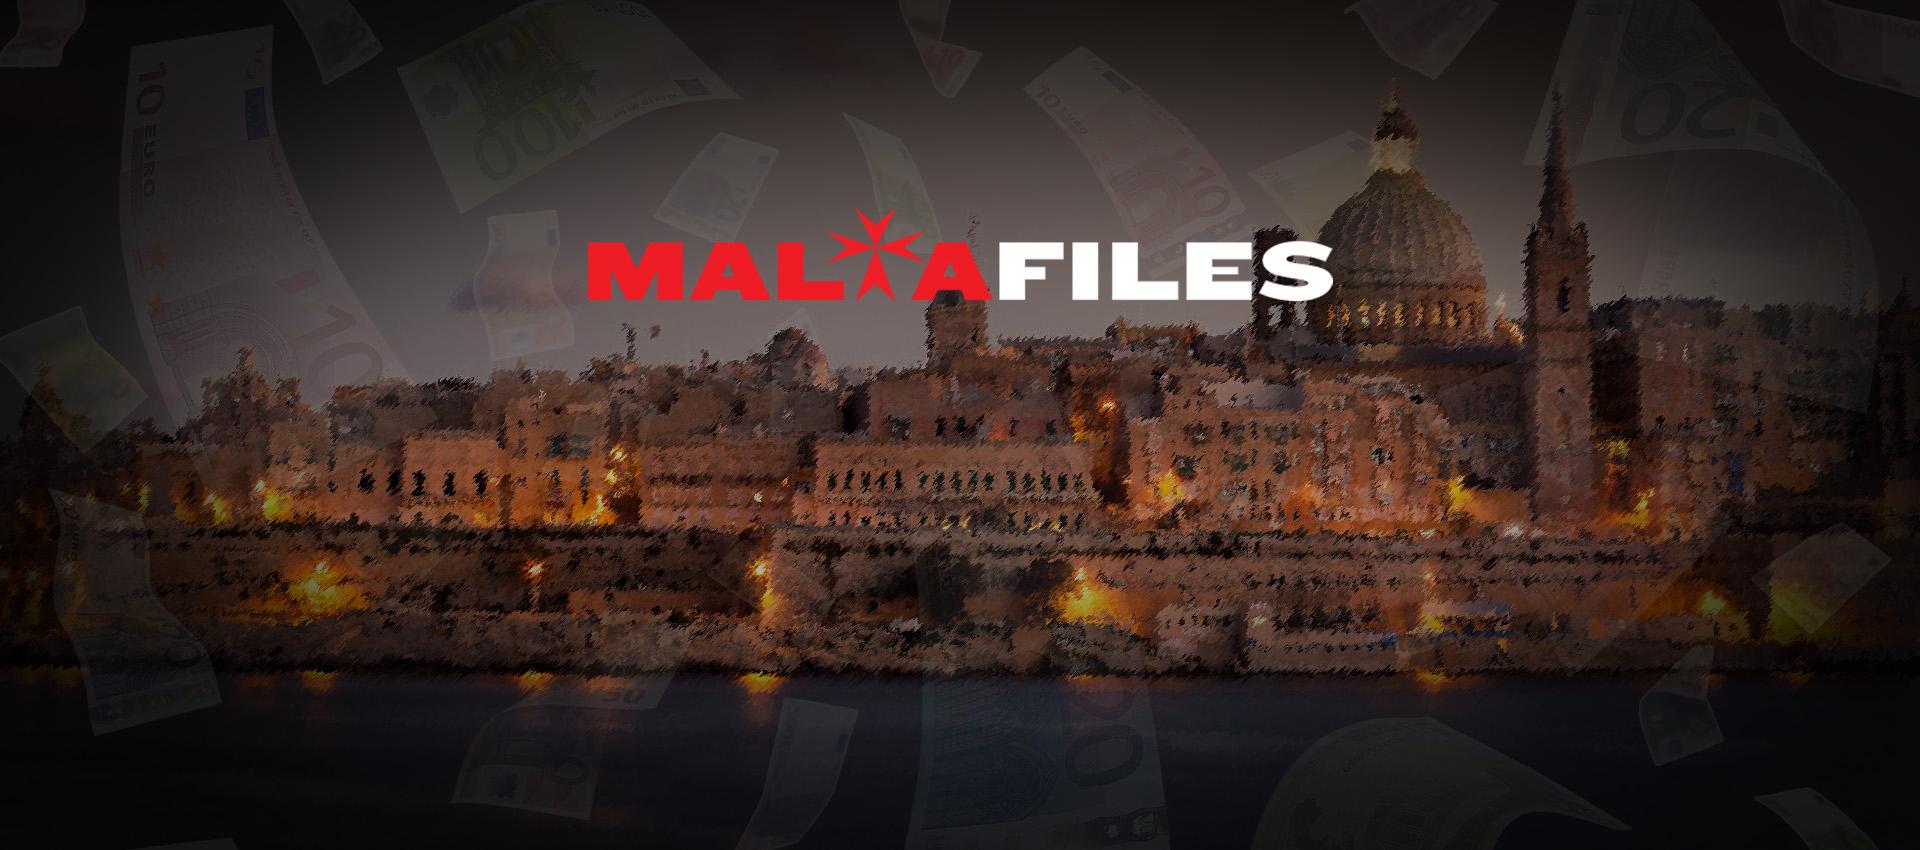 MALTAFILES: NACIONAL EKSKLUZIVNO donosi rezultate velike novinarske istrage o najvećoj poreznoj prevari u Europskoj uniji